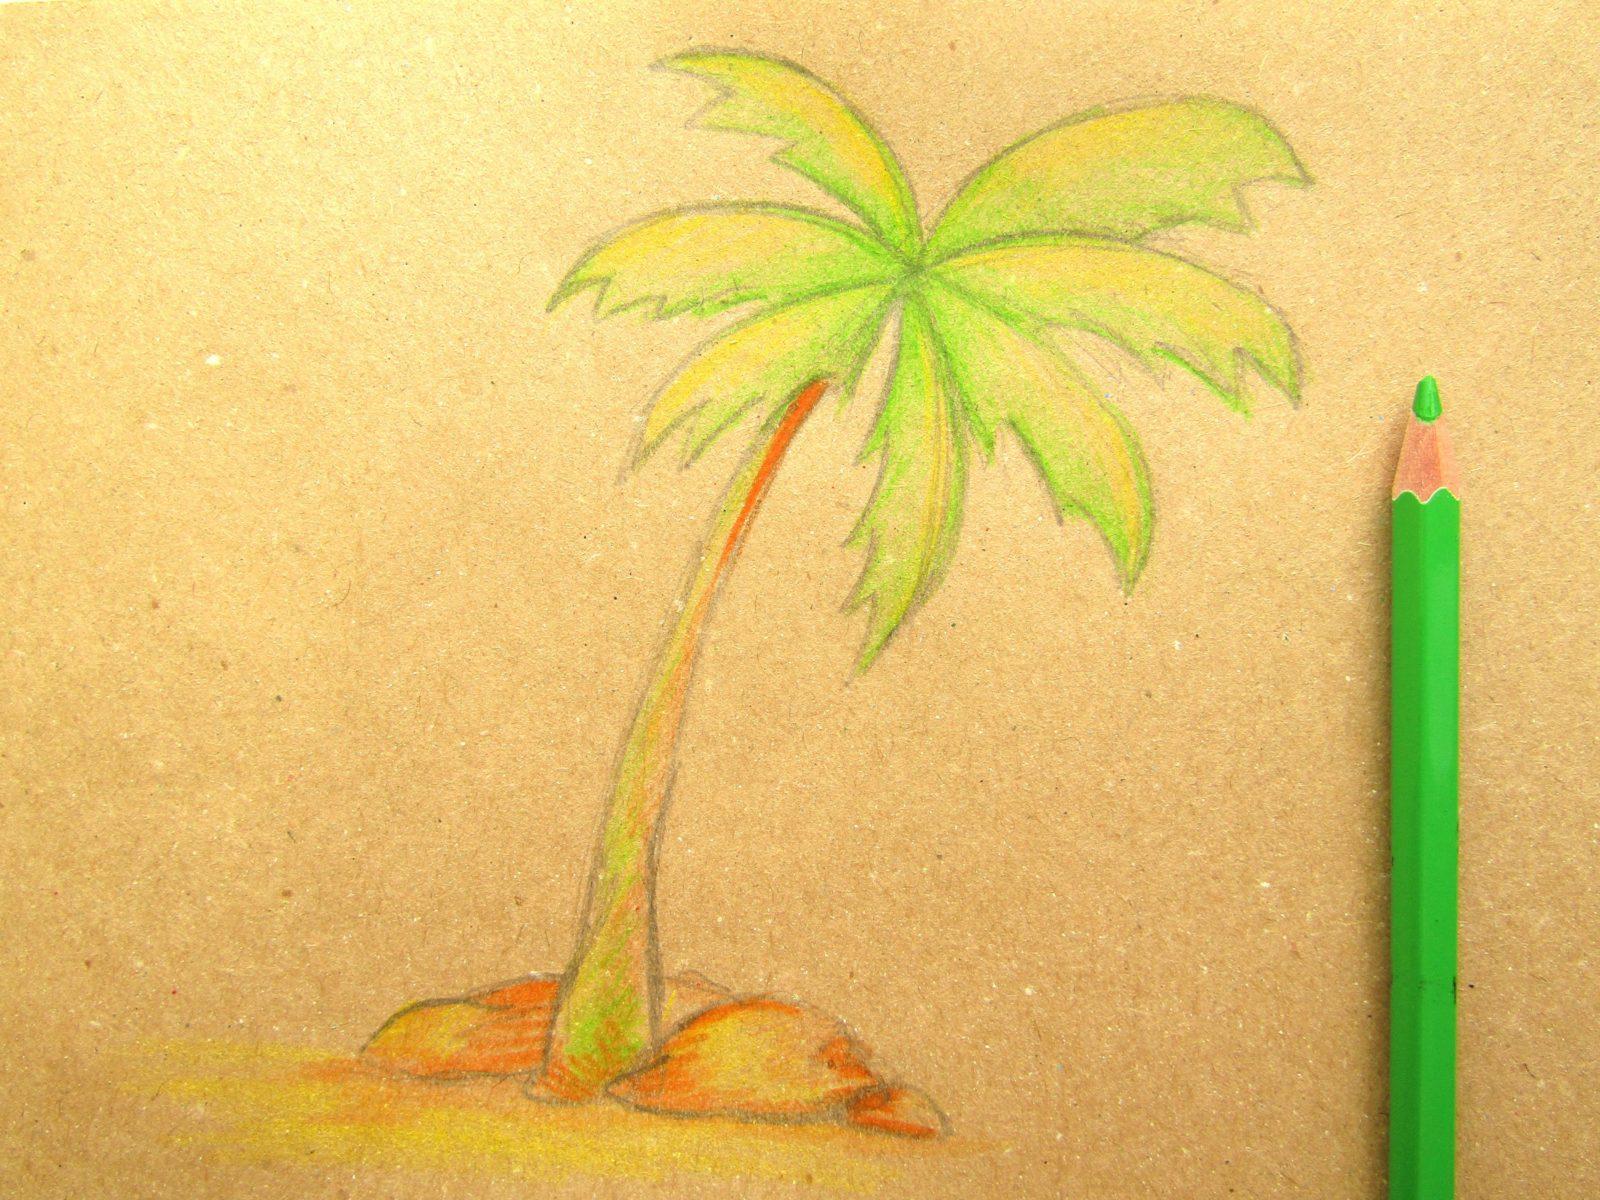 Пальма на крафт-бумаге - 7